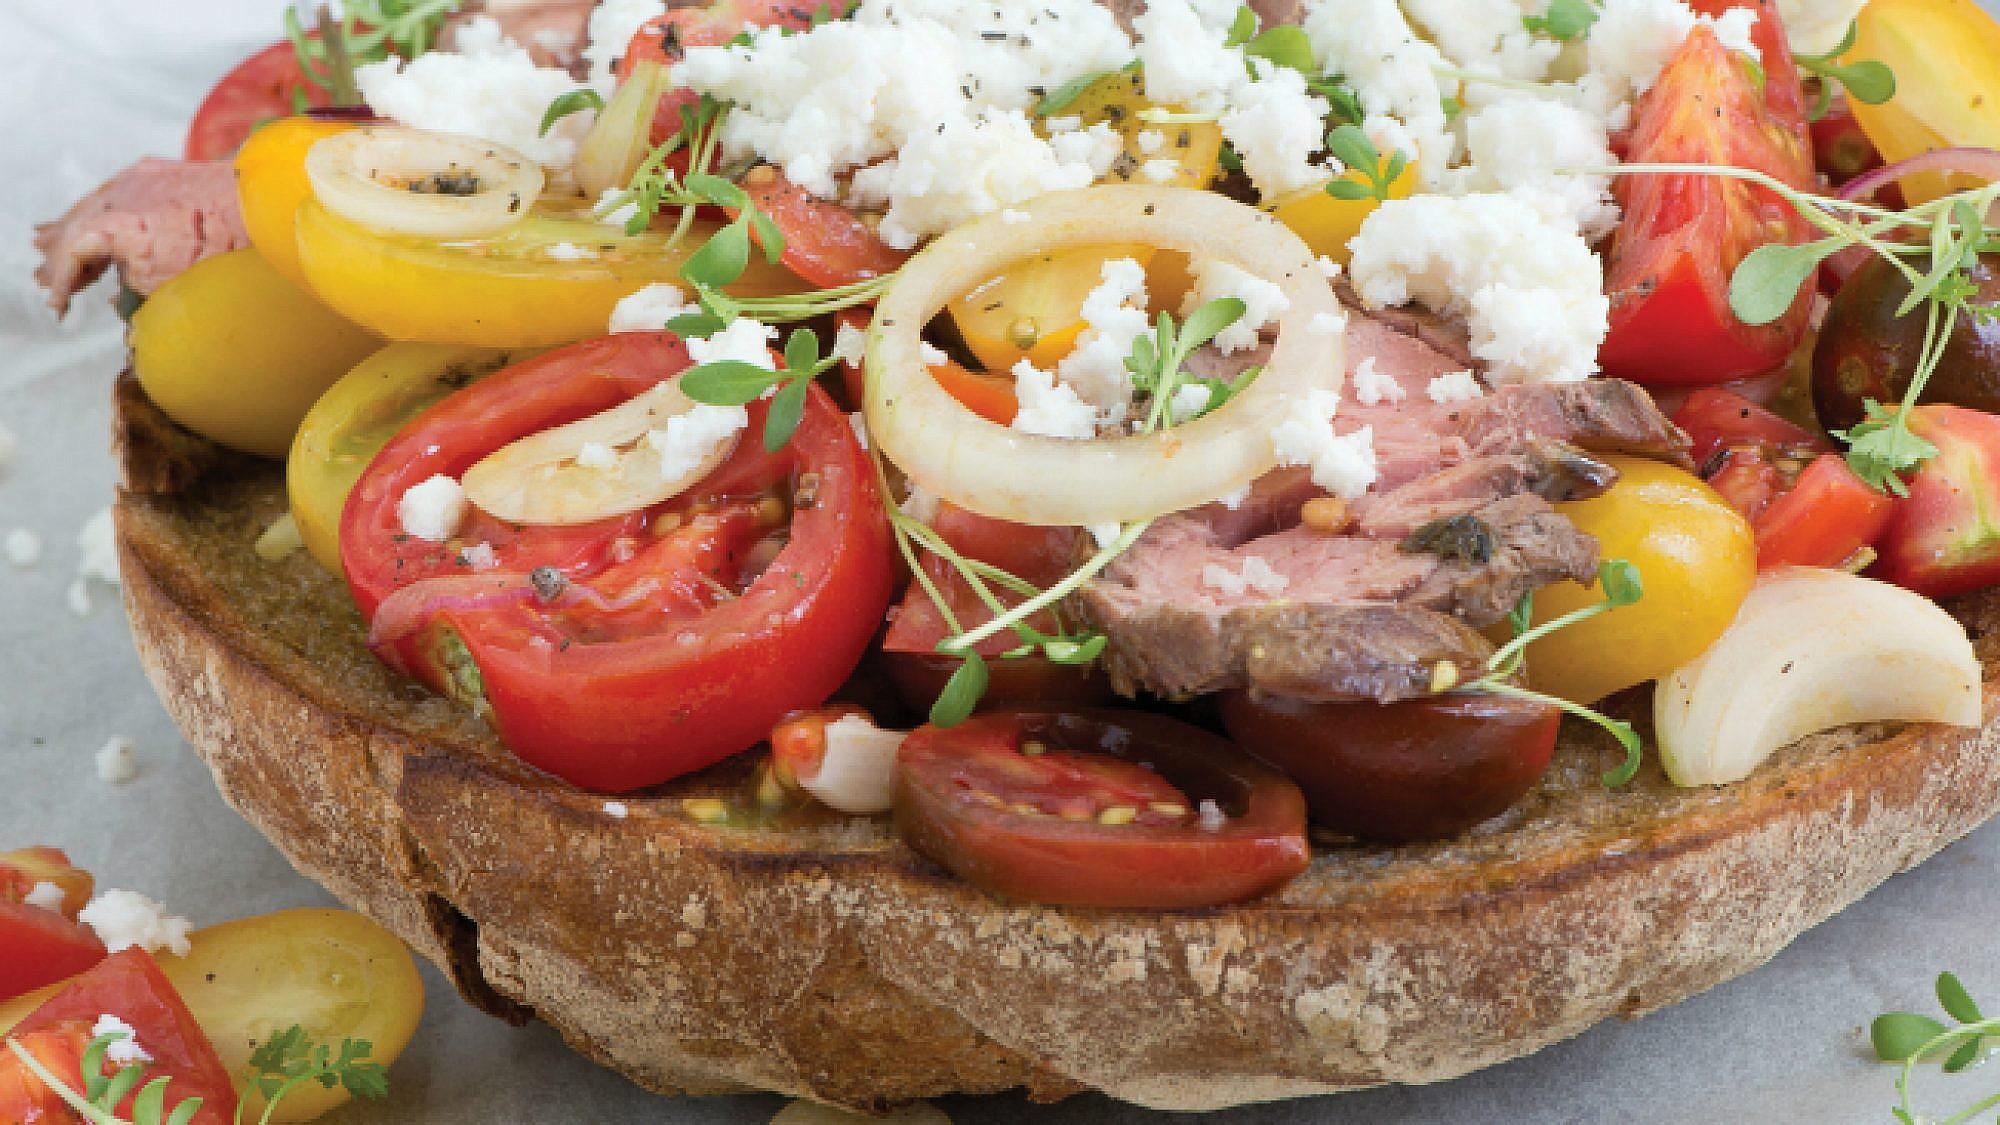 ברוסקטה ענקית עם רוסט פילה, סלט עגבניות צבעוניות וגבינה צ'רקסית. צילום: עודד מרום | סגנון : אוריה גבע